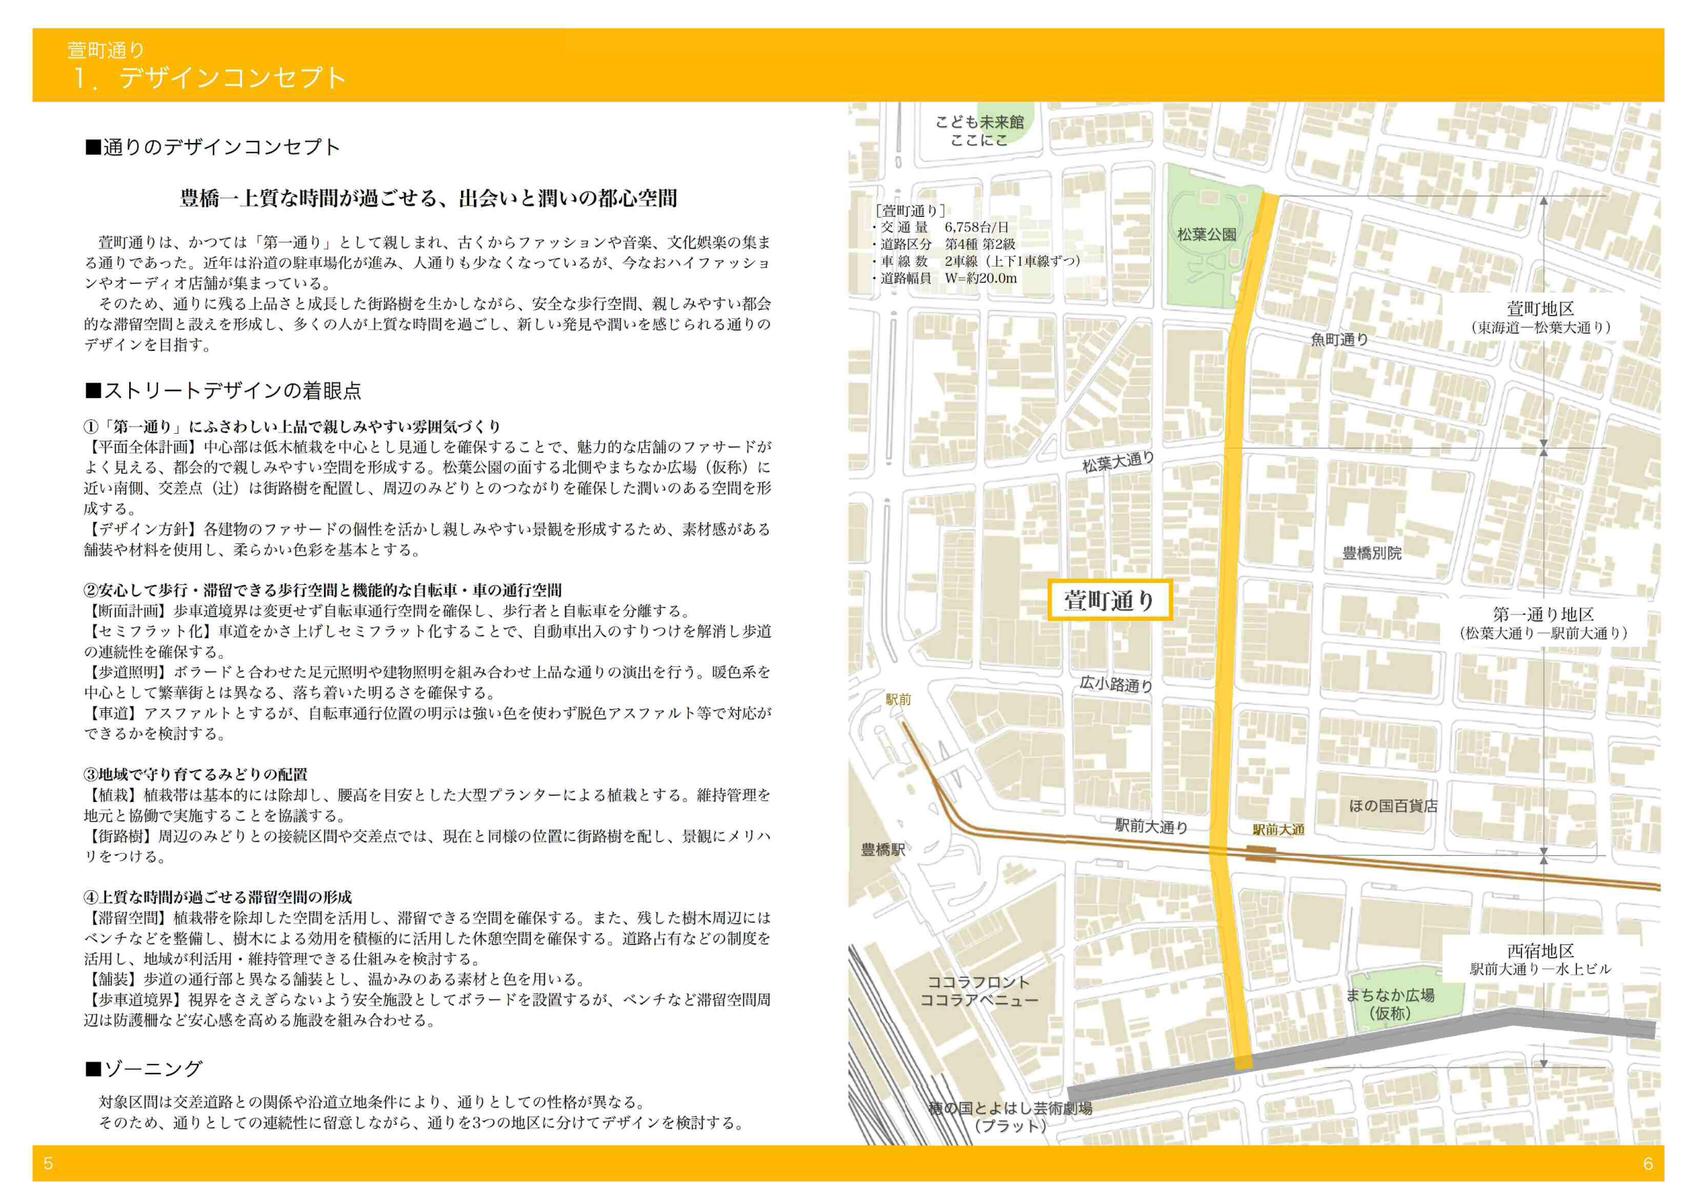 190108_kihon_keikaku_04